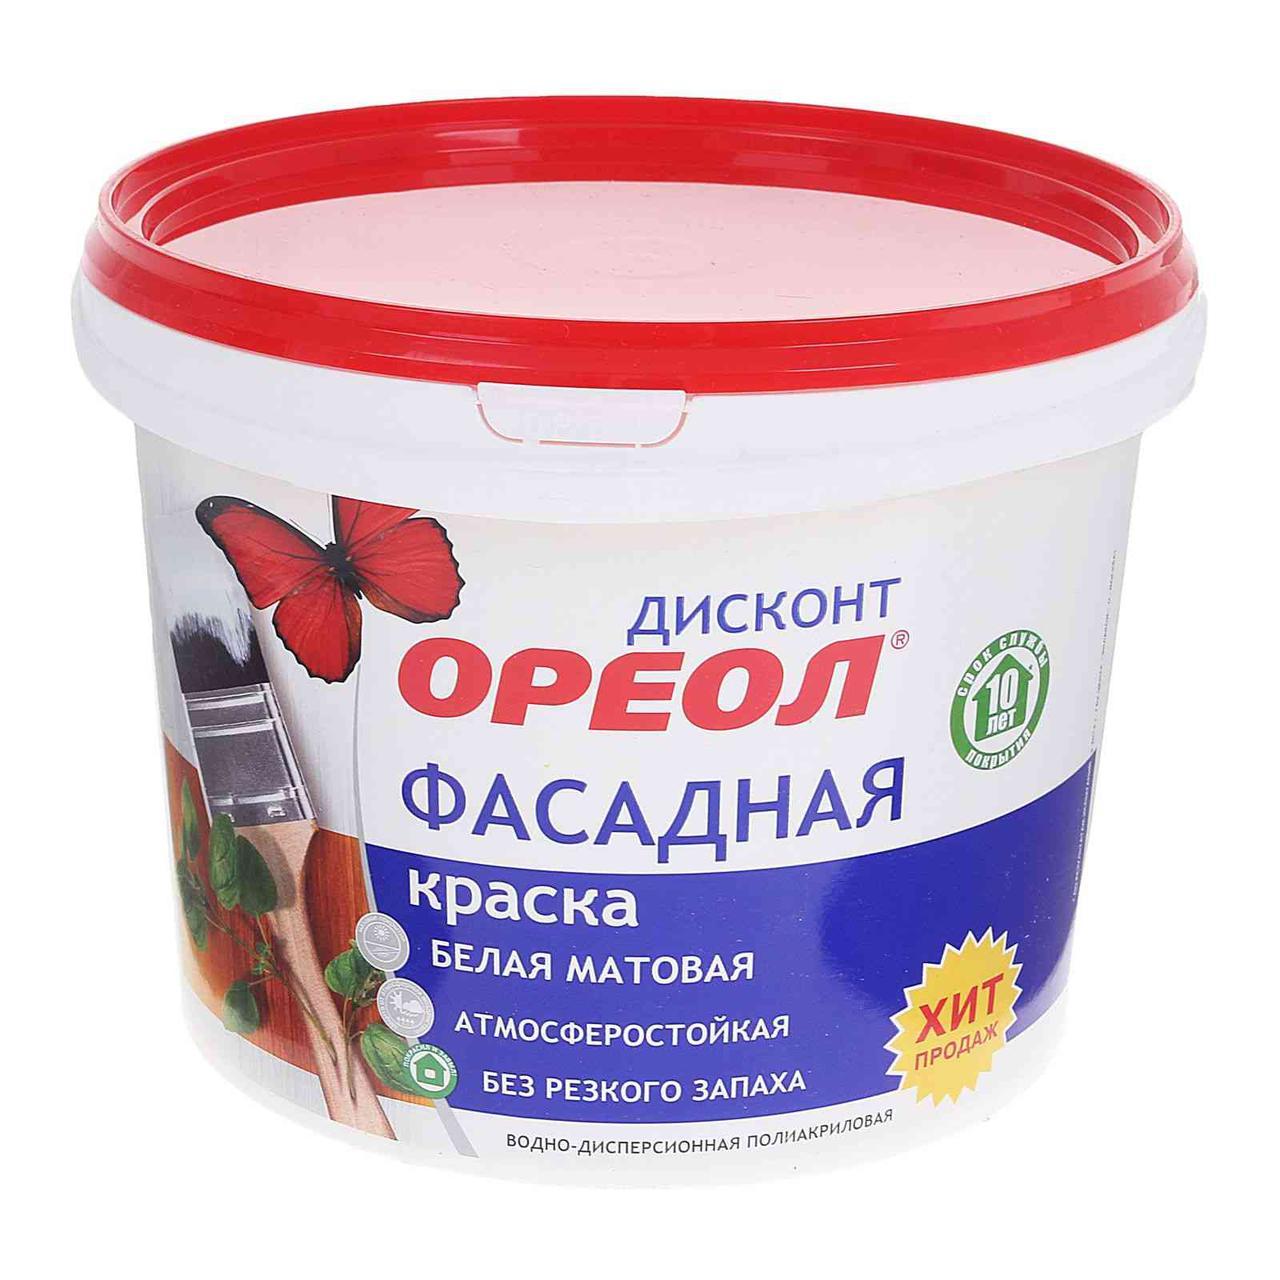 Краска для фасадов атмосферостойкая 6.5 кг